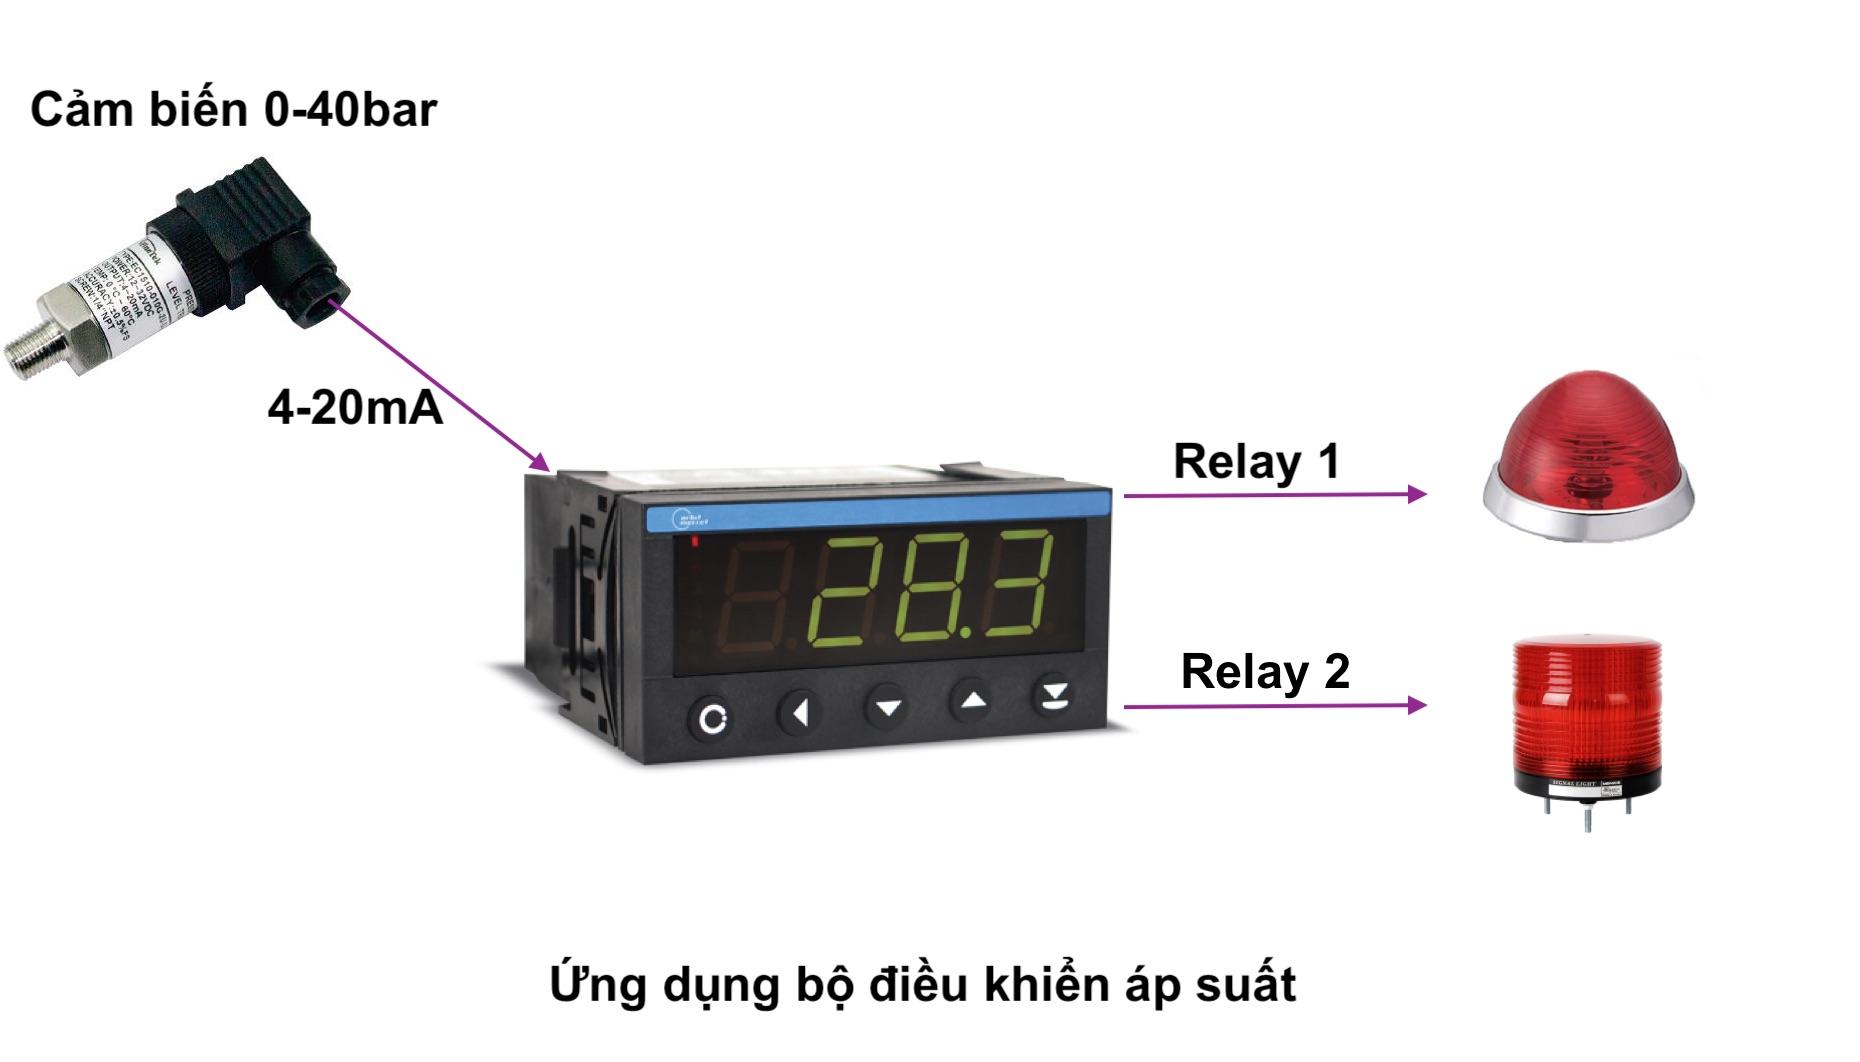 Ứng dụng điều khiển áp suất